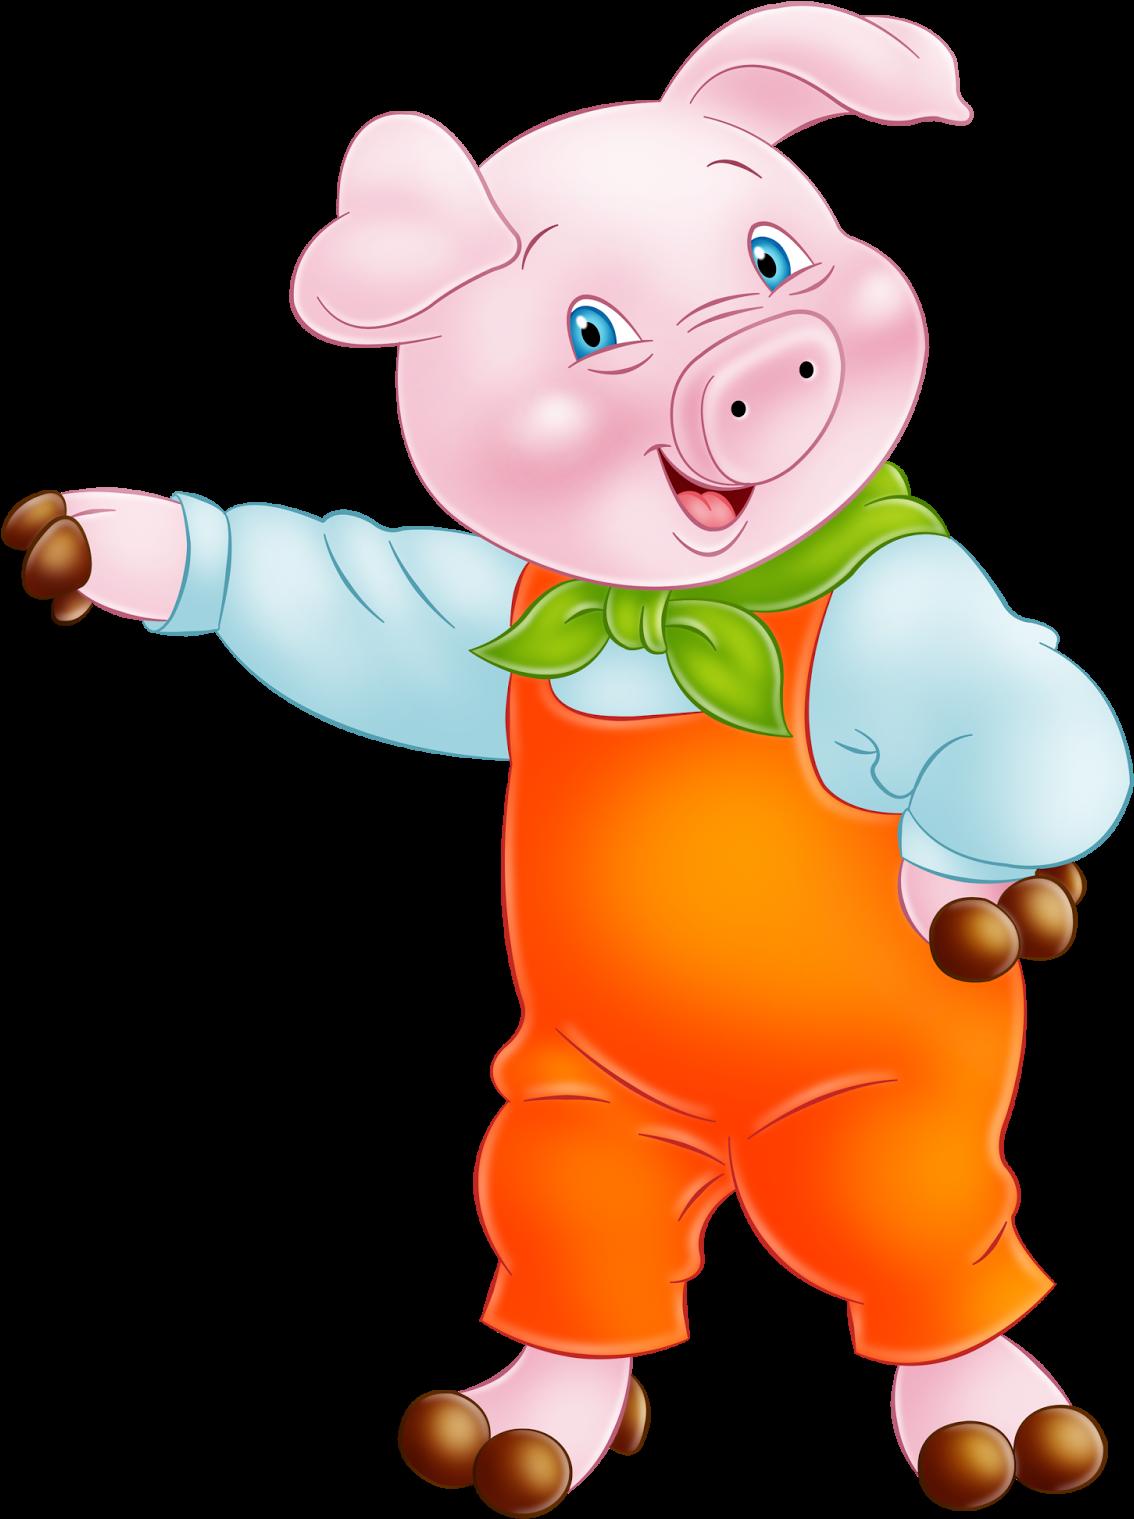 картинки свинок из сказок могила предполагаемого